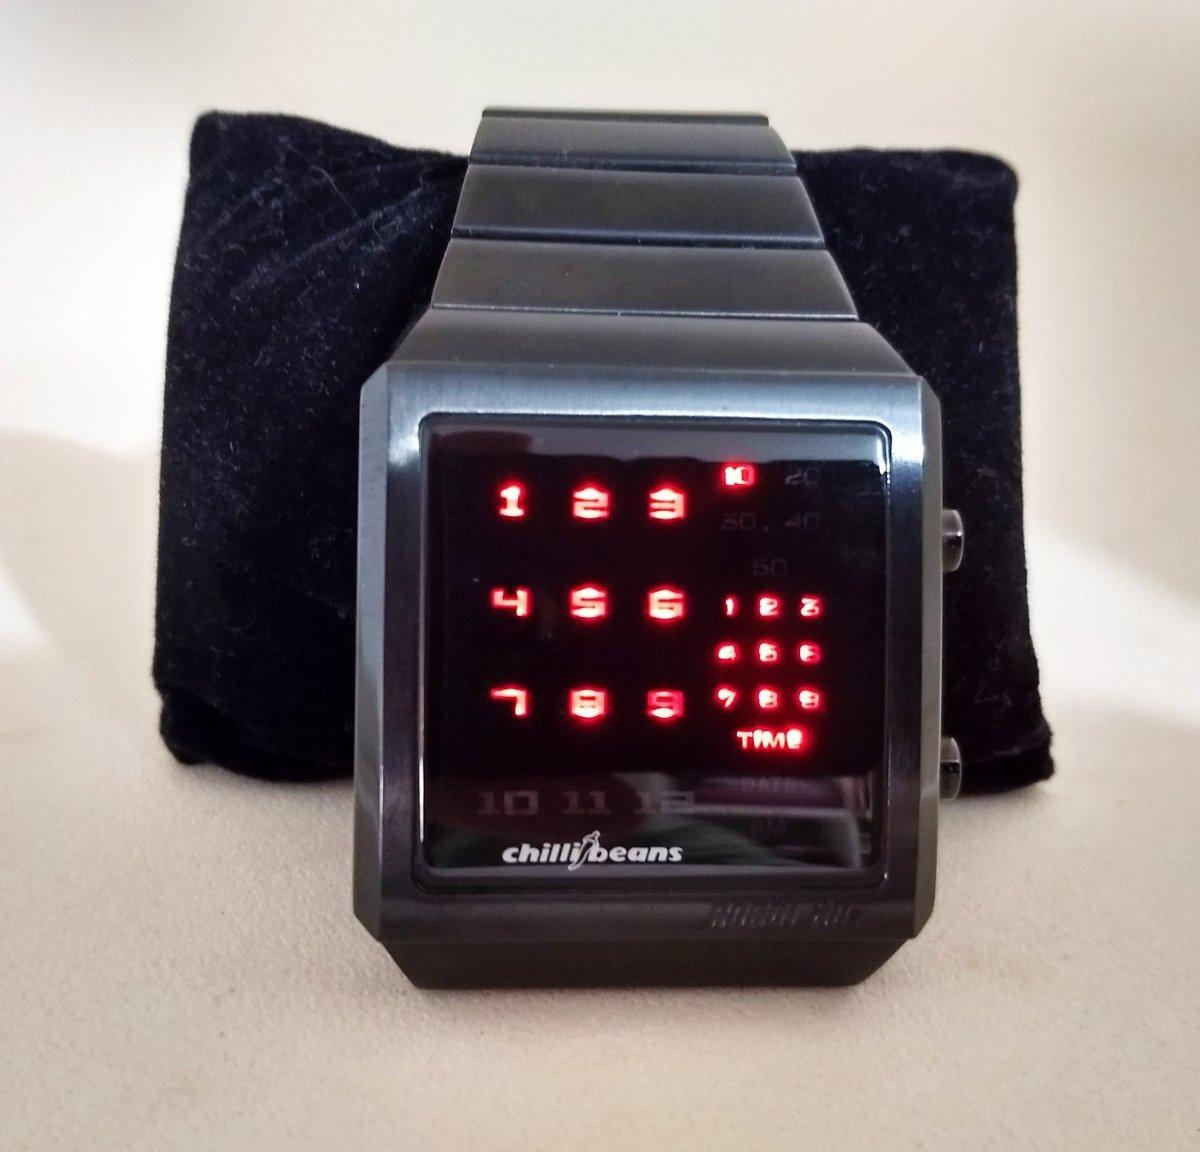 e0a399485 Relógio De Pulso Chilli Beans - Robot 80s - Seminovo - R$ 349,00 em ...